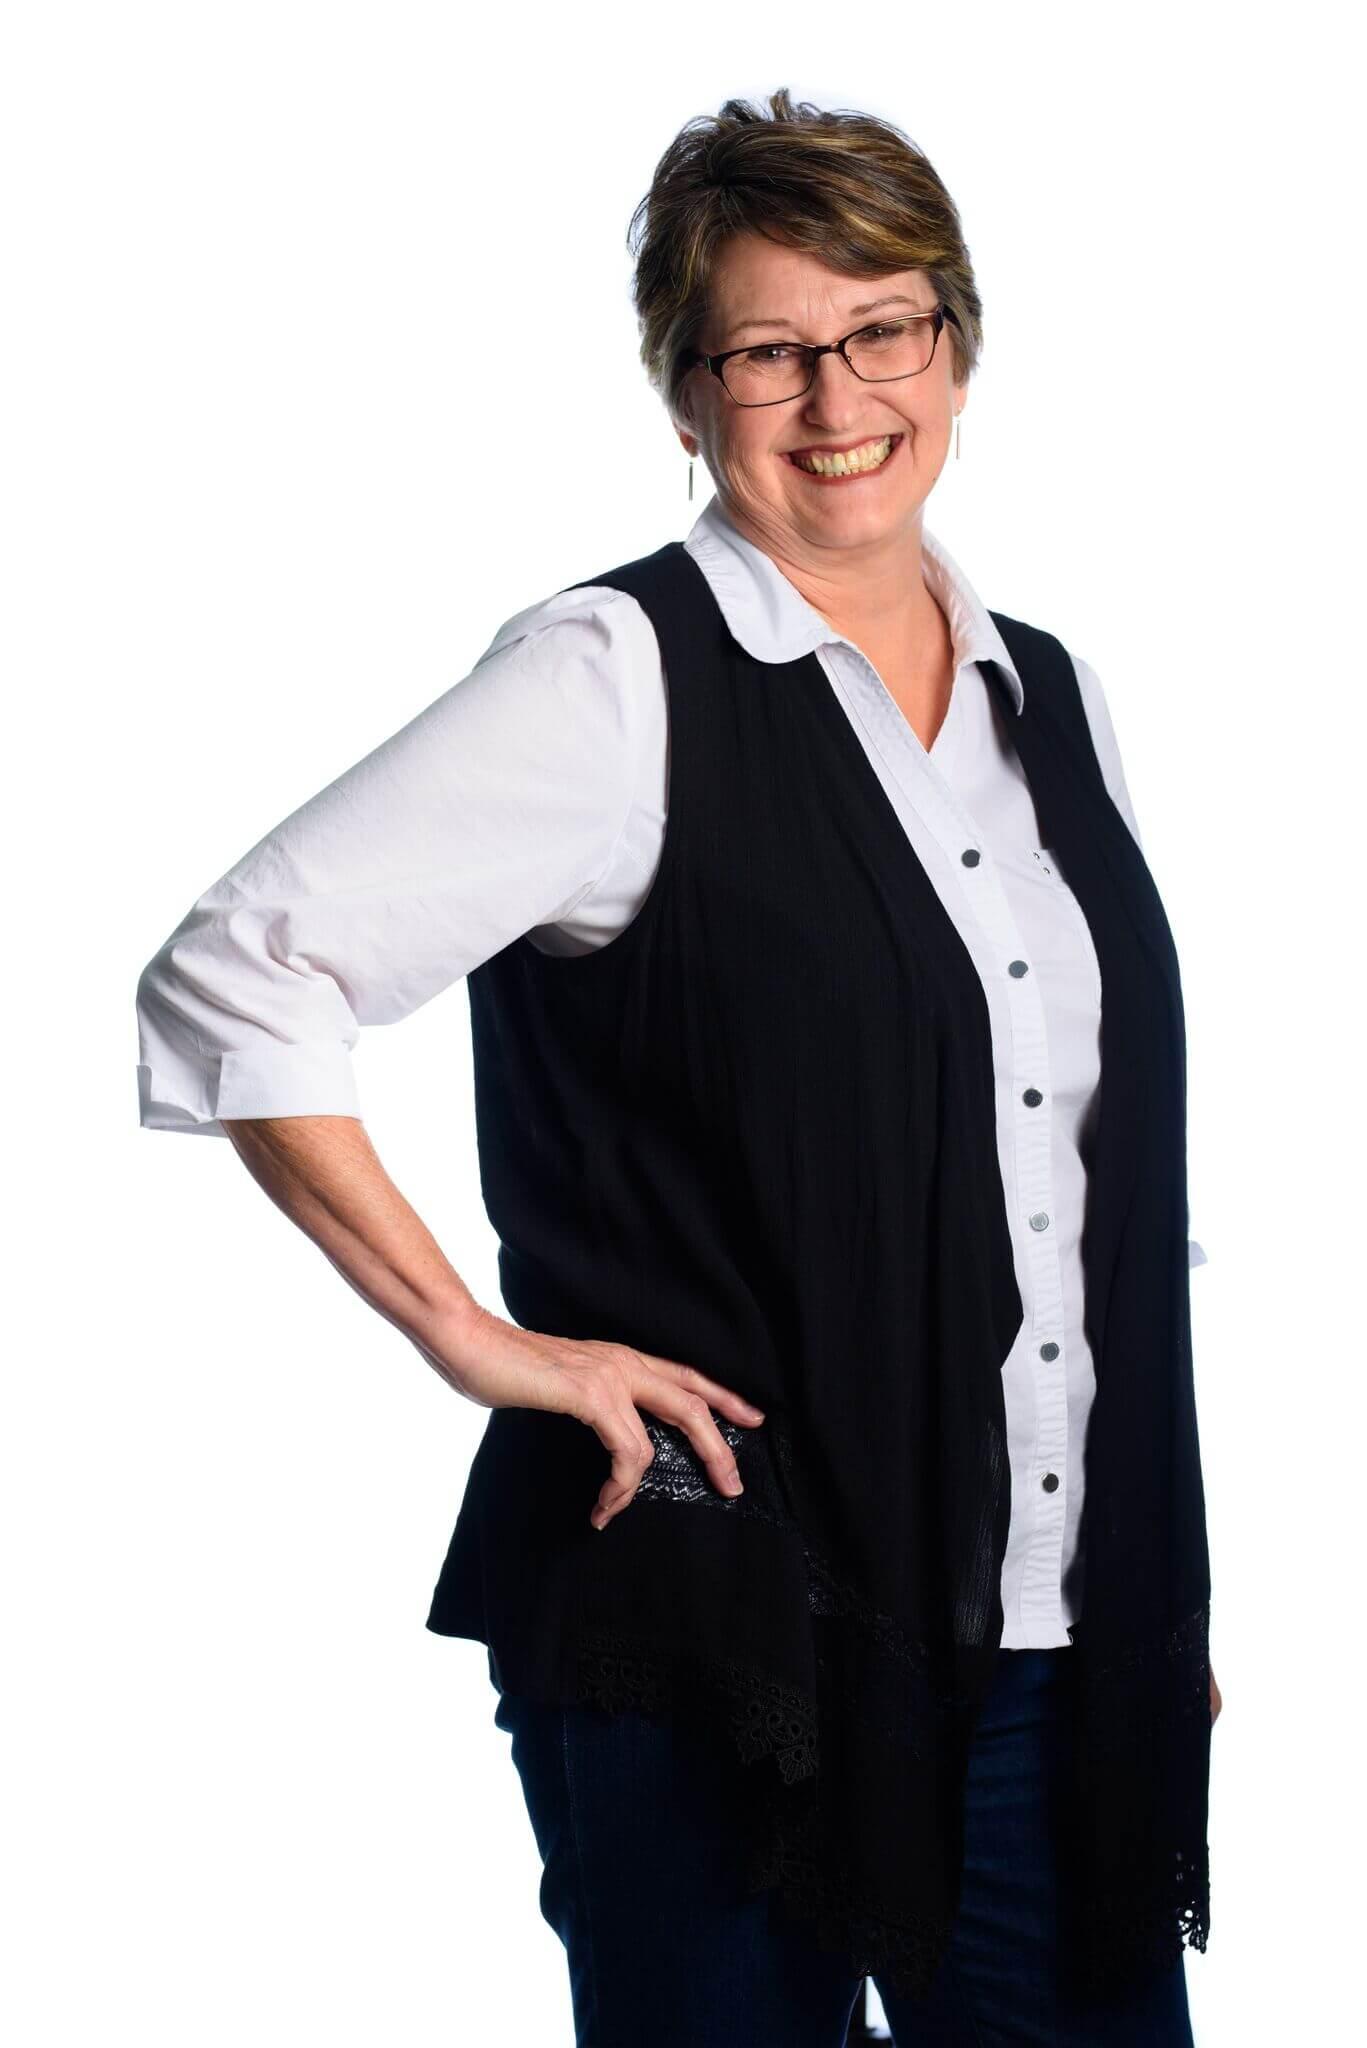 Vickie Baucom – Patient Coordinator